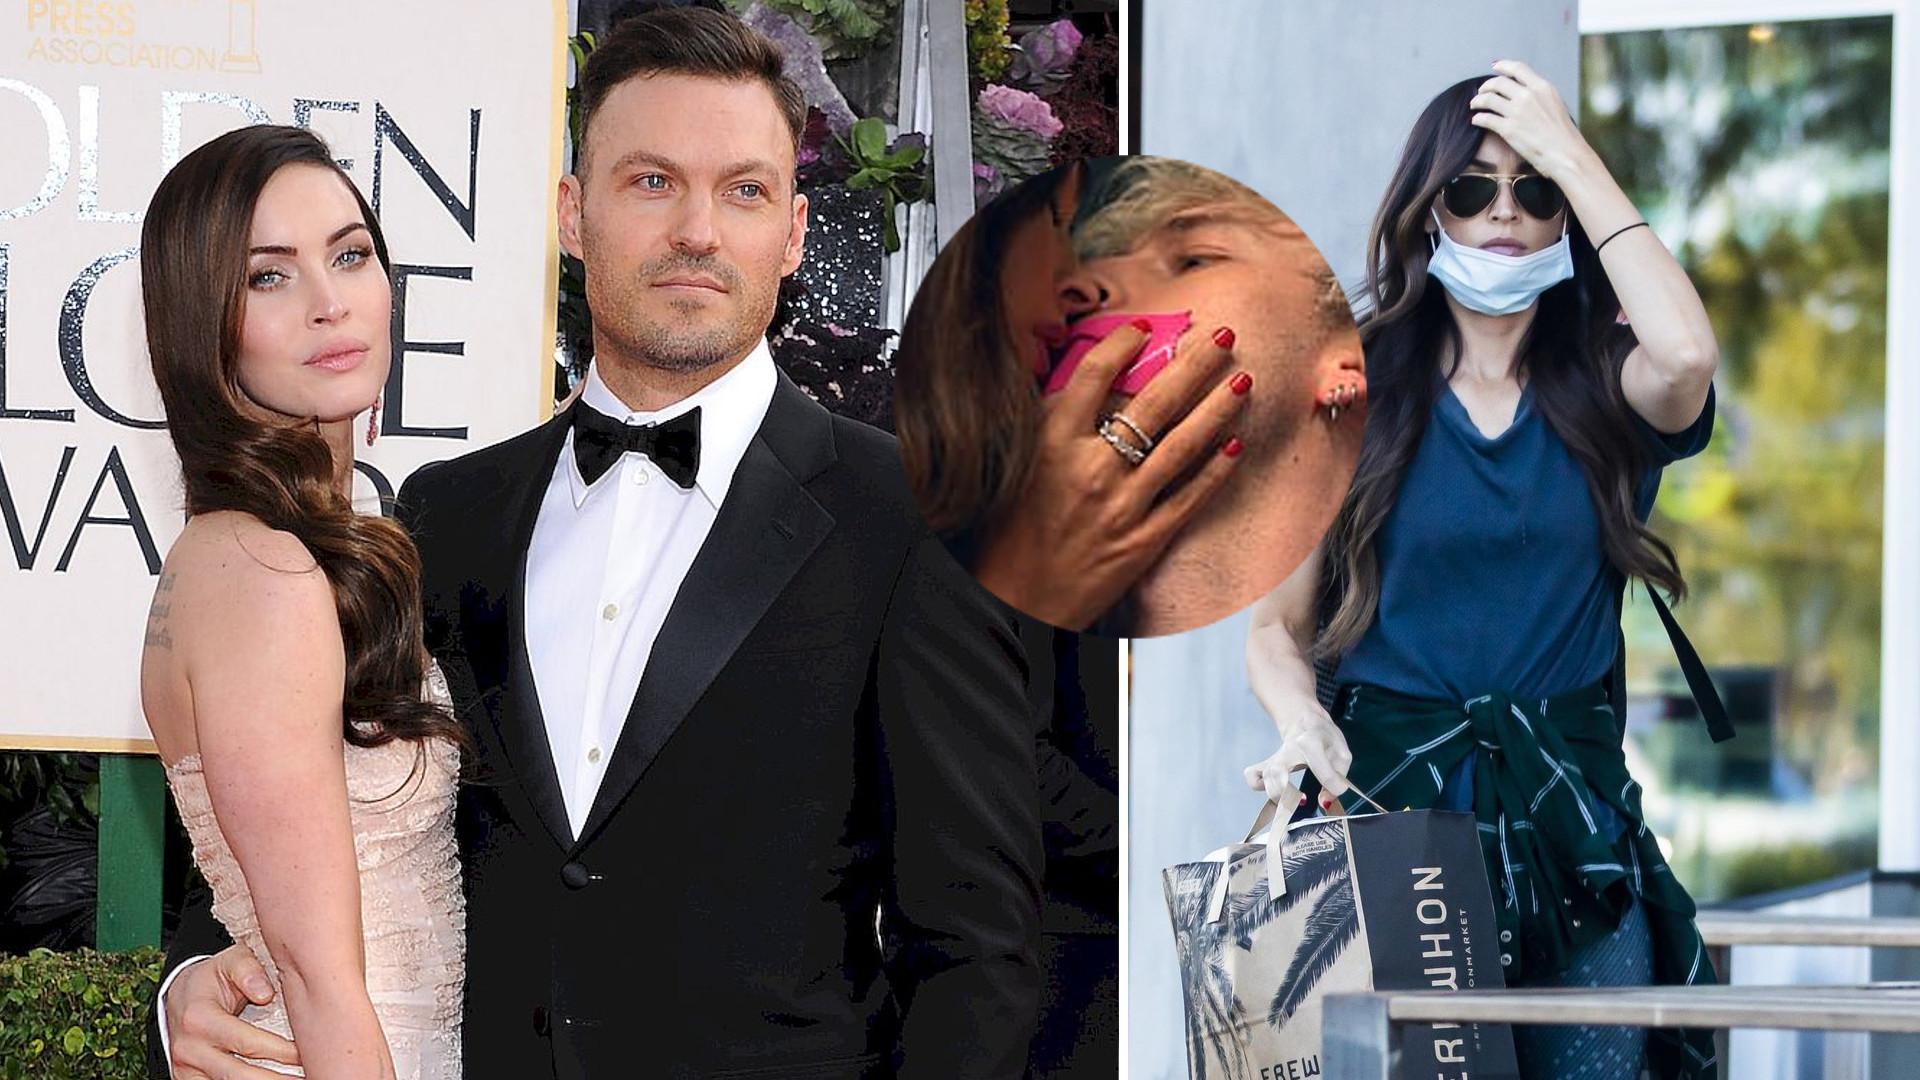 Gorące sceny między Megan Fox i Machine Gun Kelly – to wideo ma prawie 6 milionów wyświetleń